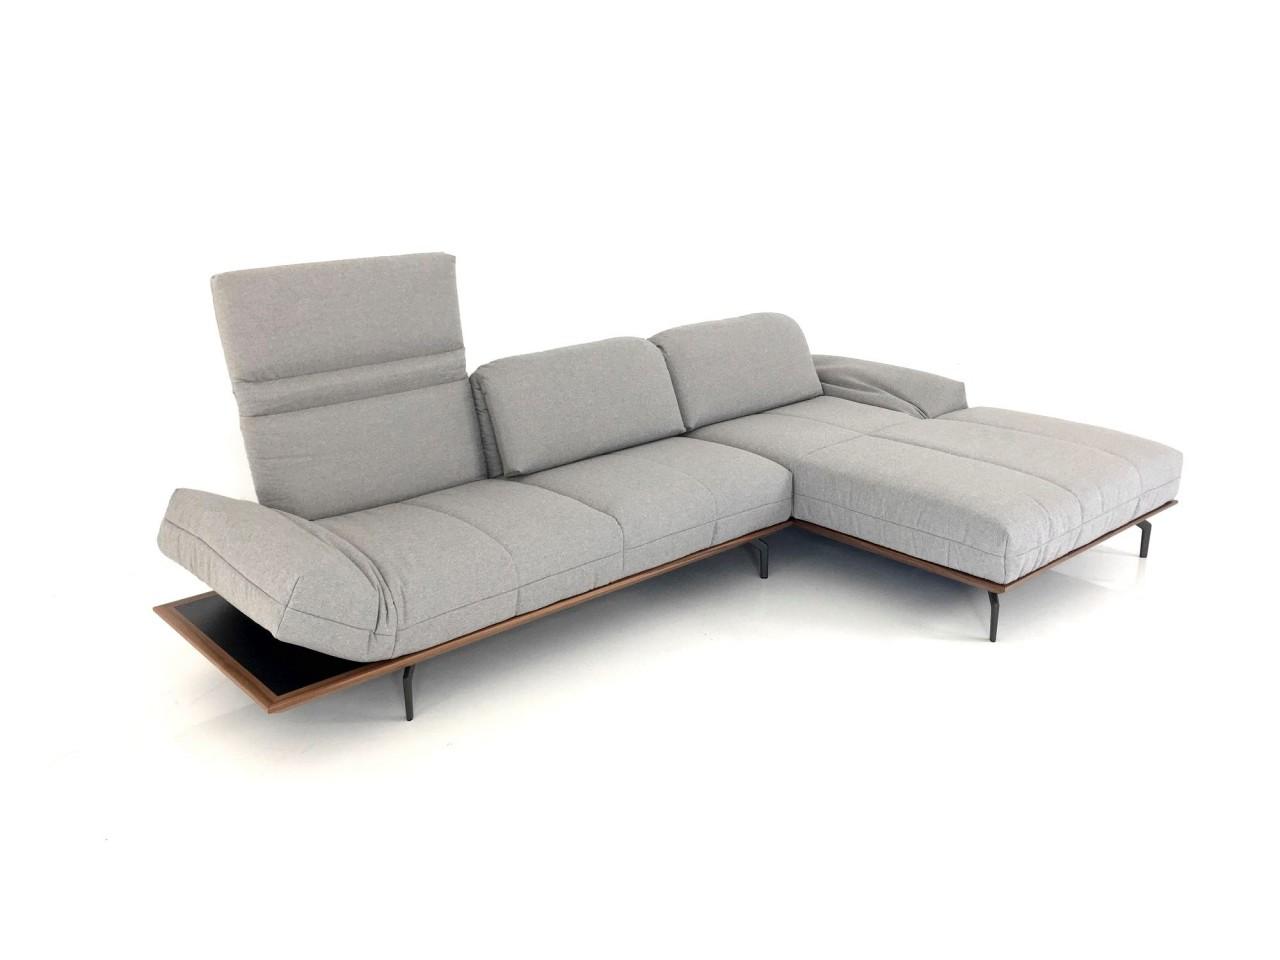 Faszinierend Hülsta Polstermöbel Ideen Von Hülsta Sofa Hs.420 Sofa Mit Rechter Recamiere